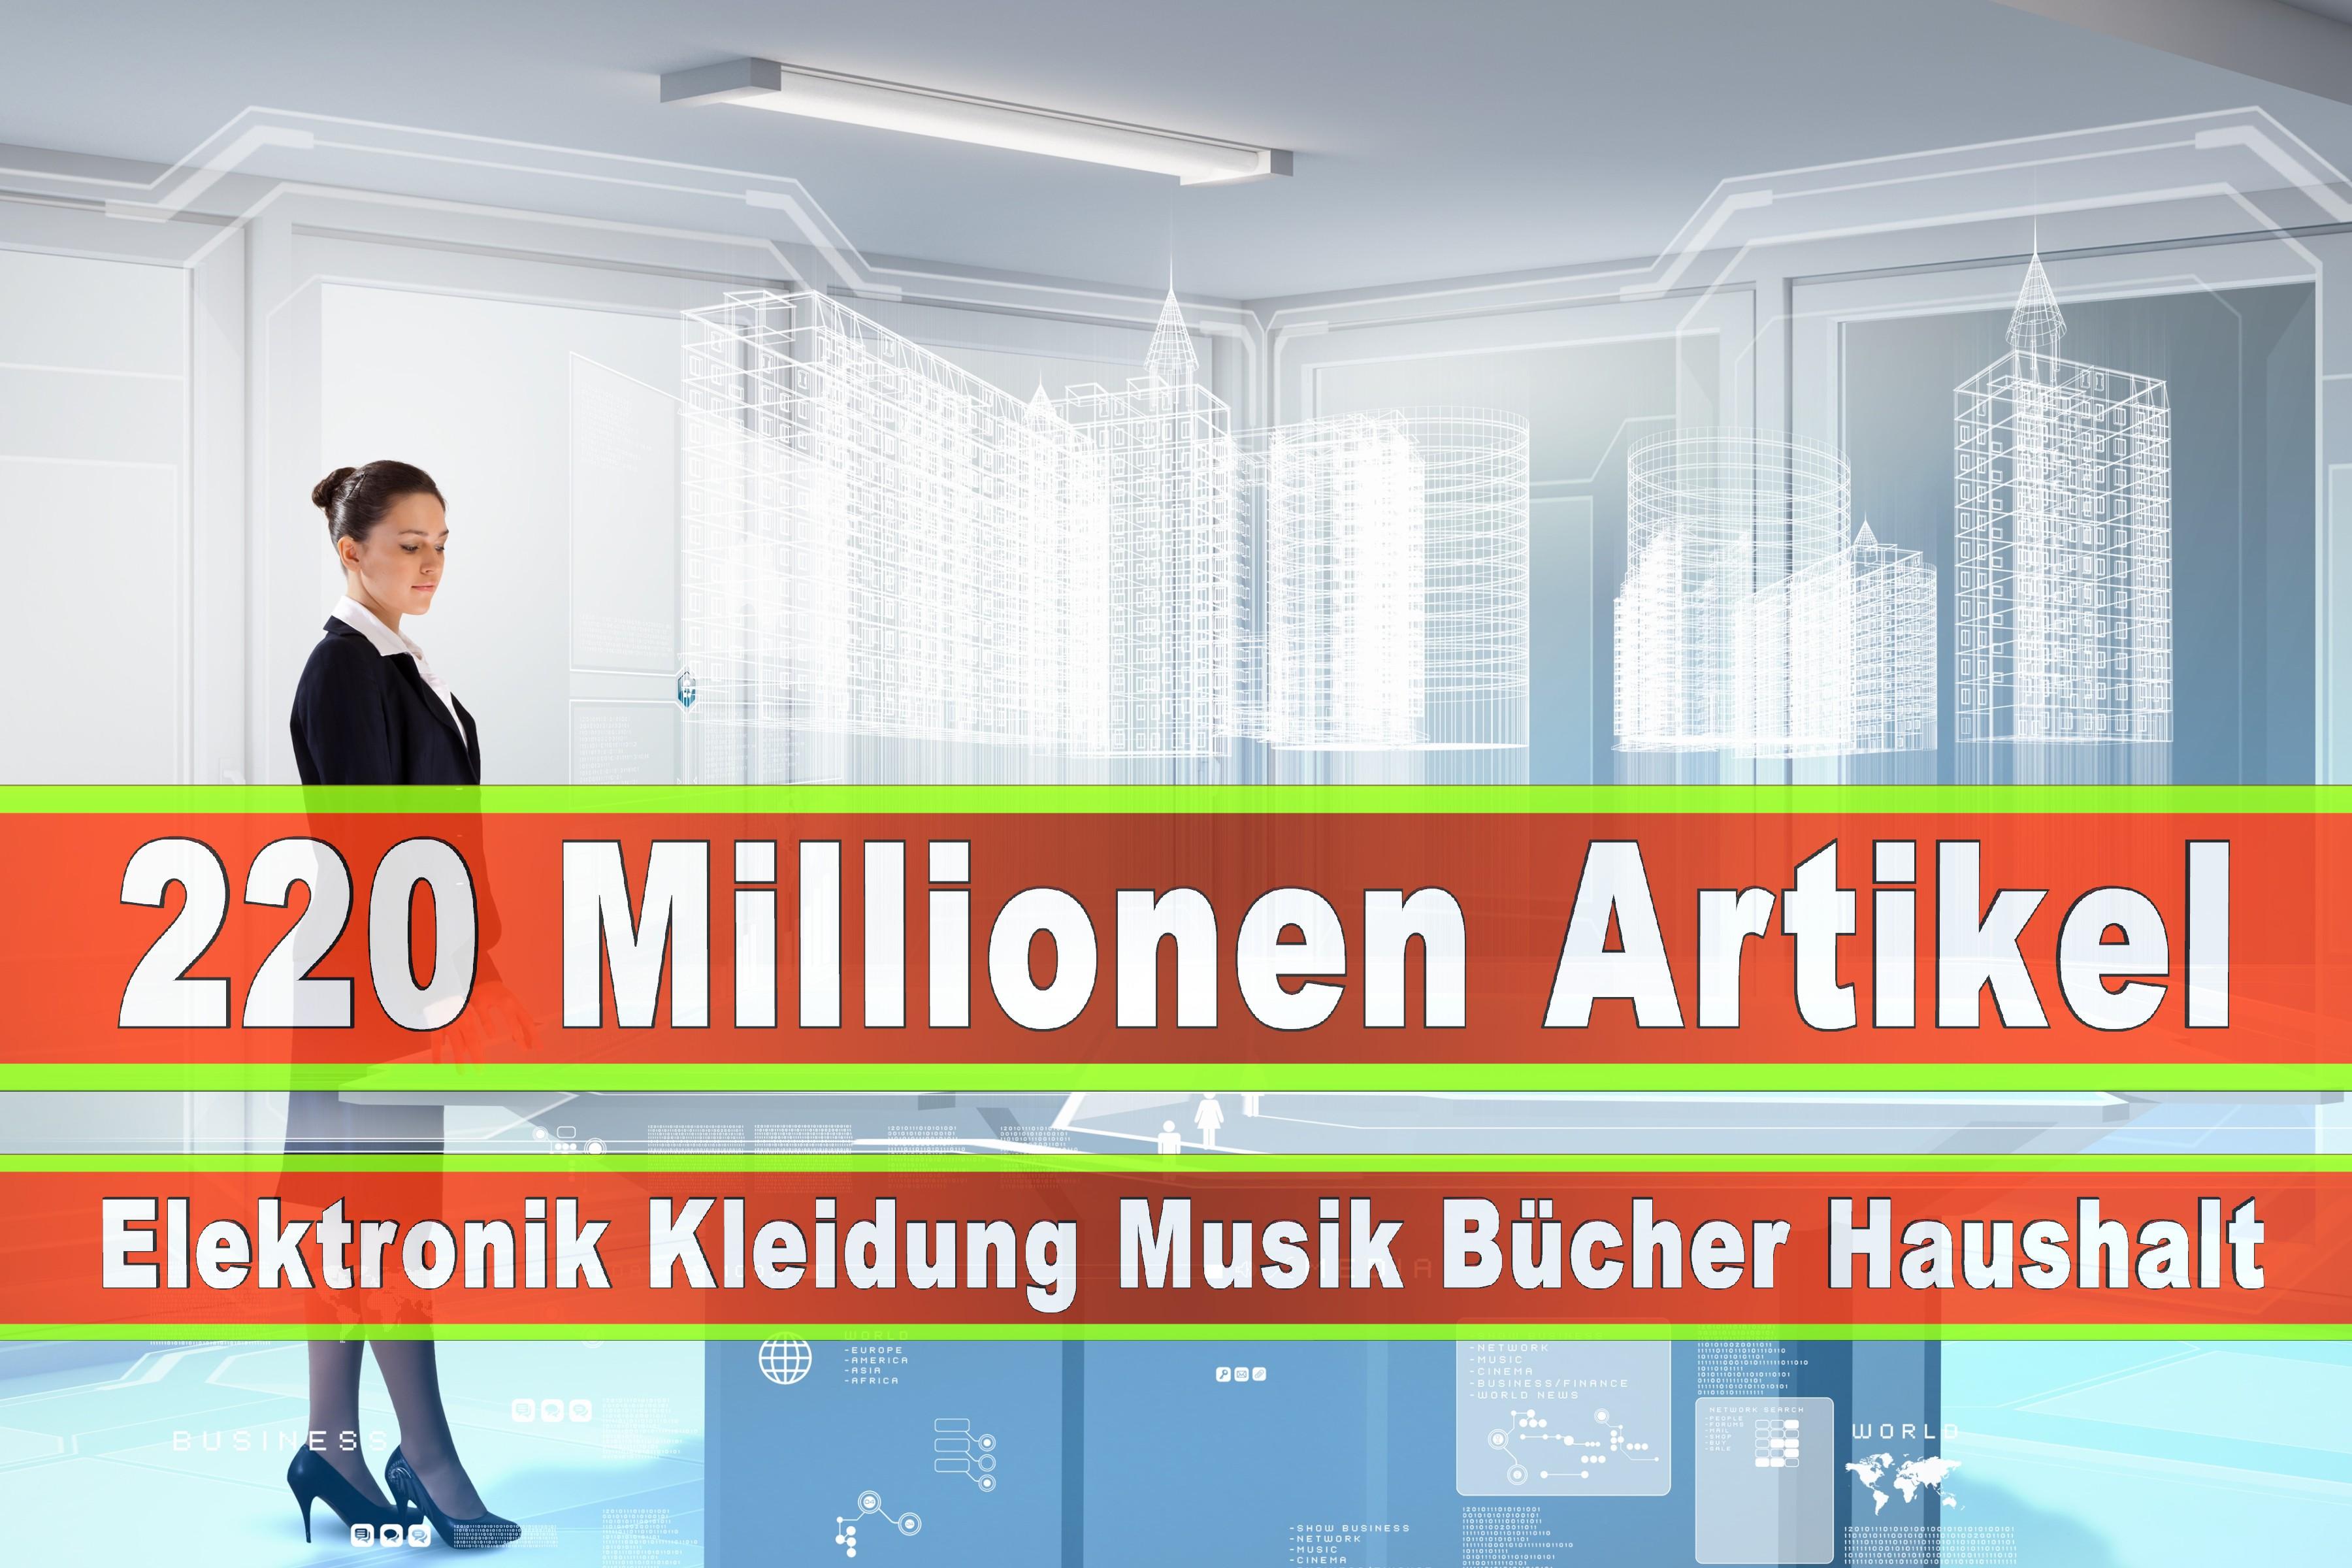 Amazon Elektronik Musik Haushalt Bücher CD DVD Handys Smartphones TV Television Fernseher Kleidung Mode Ebay Versandhaus (48)